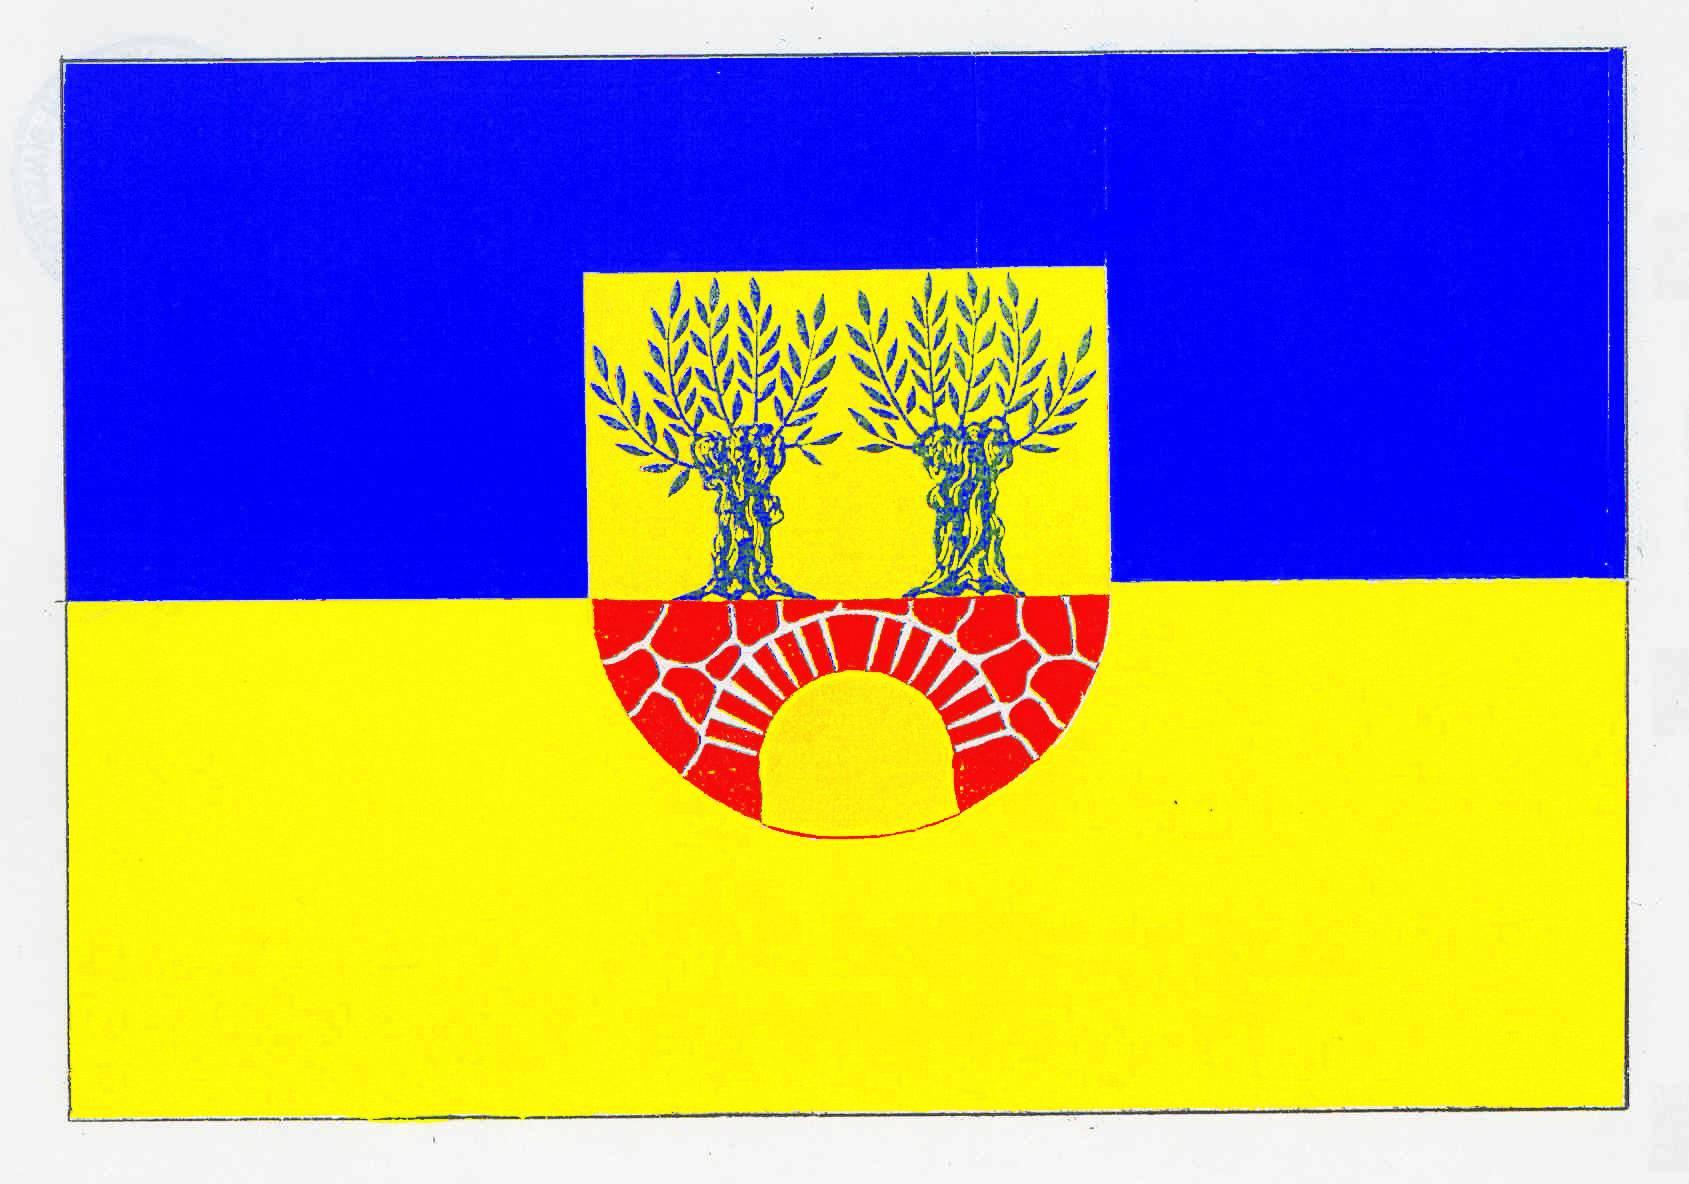 Flagge GemeindeMechow, Kreis Herzogtum Lauenburg